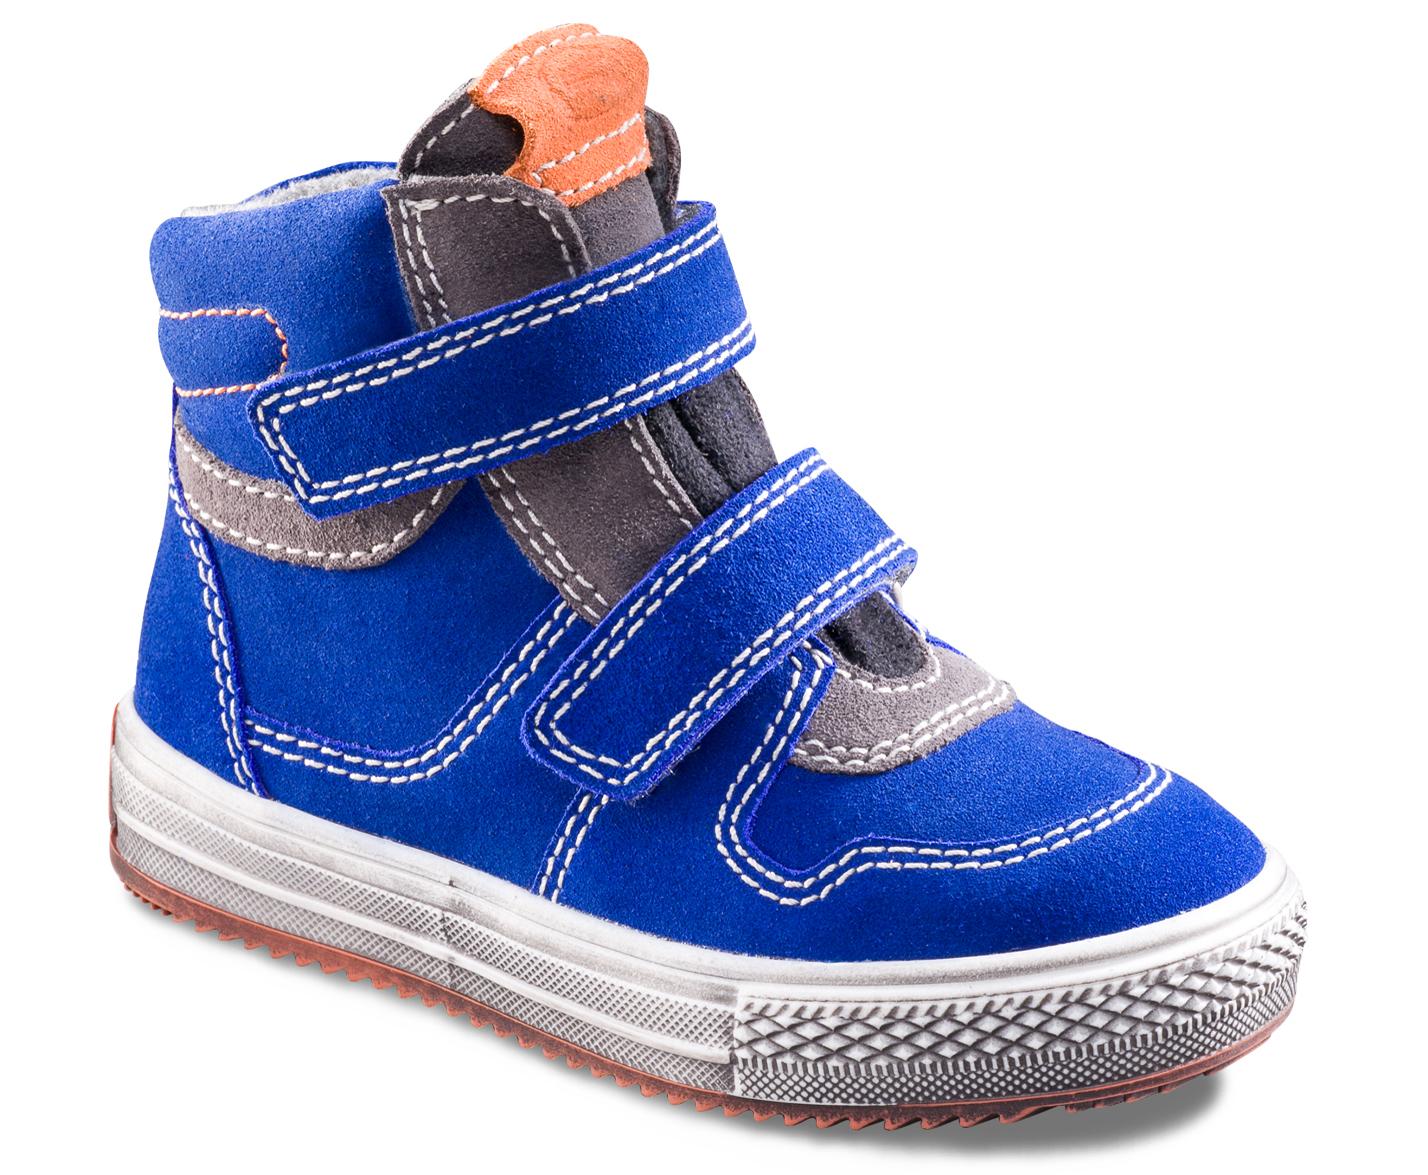 a32dbf90e Richter Chlapčenské zimné kotníkové tenisky - modré, EUR 32 ...